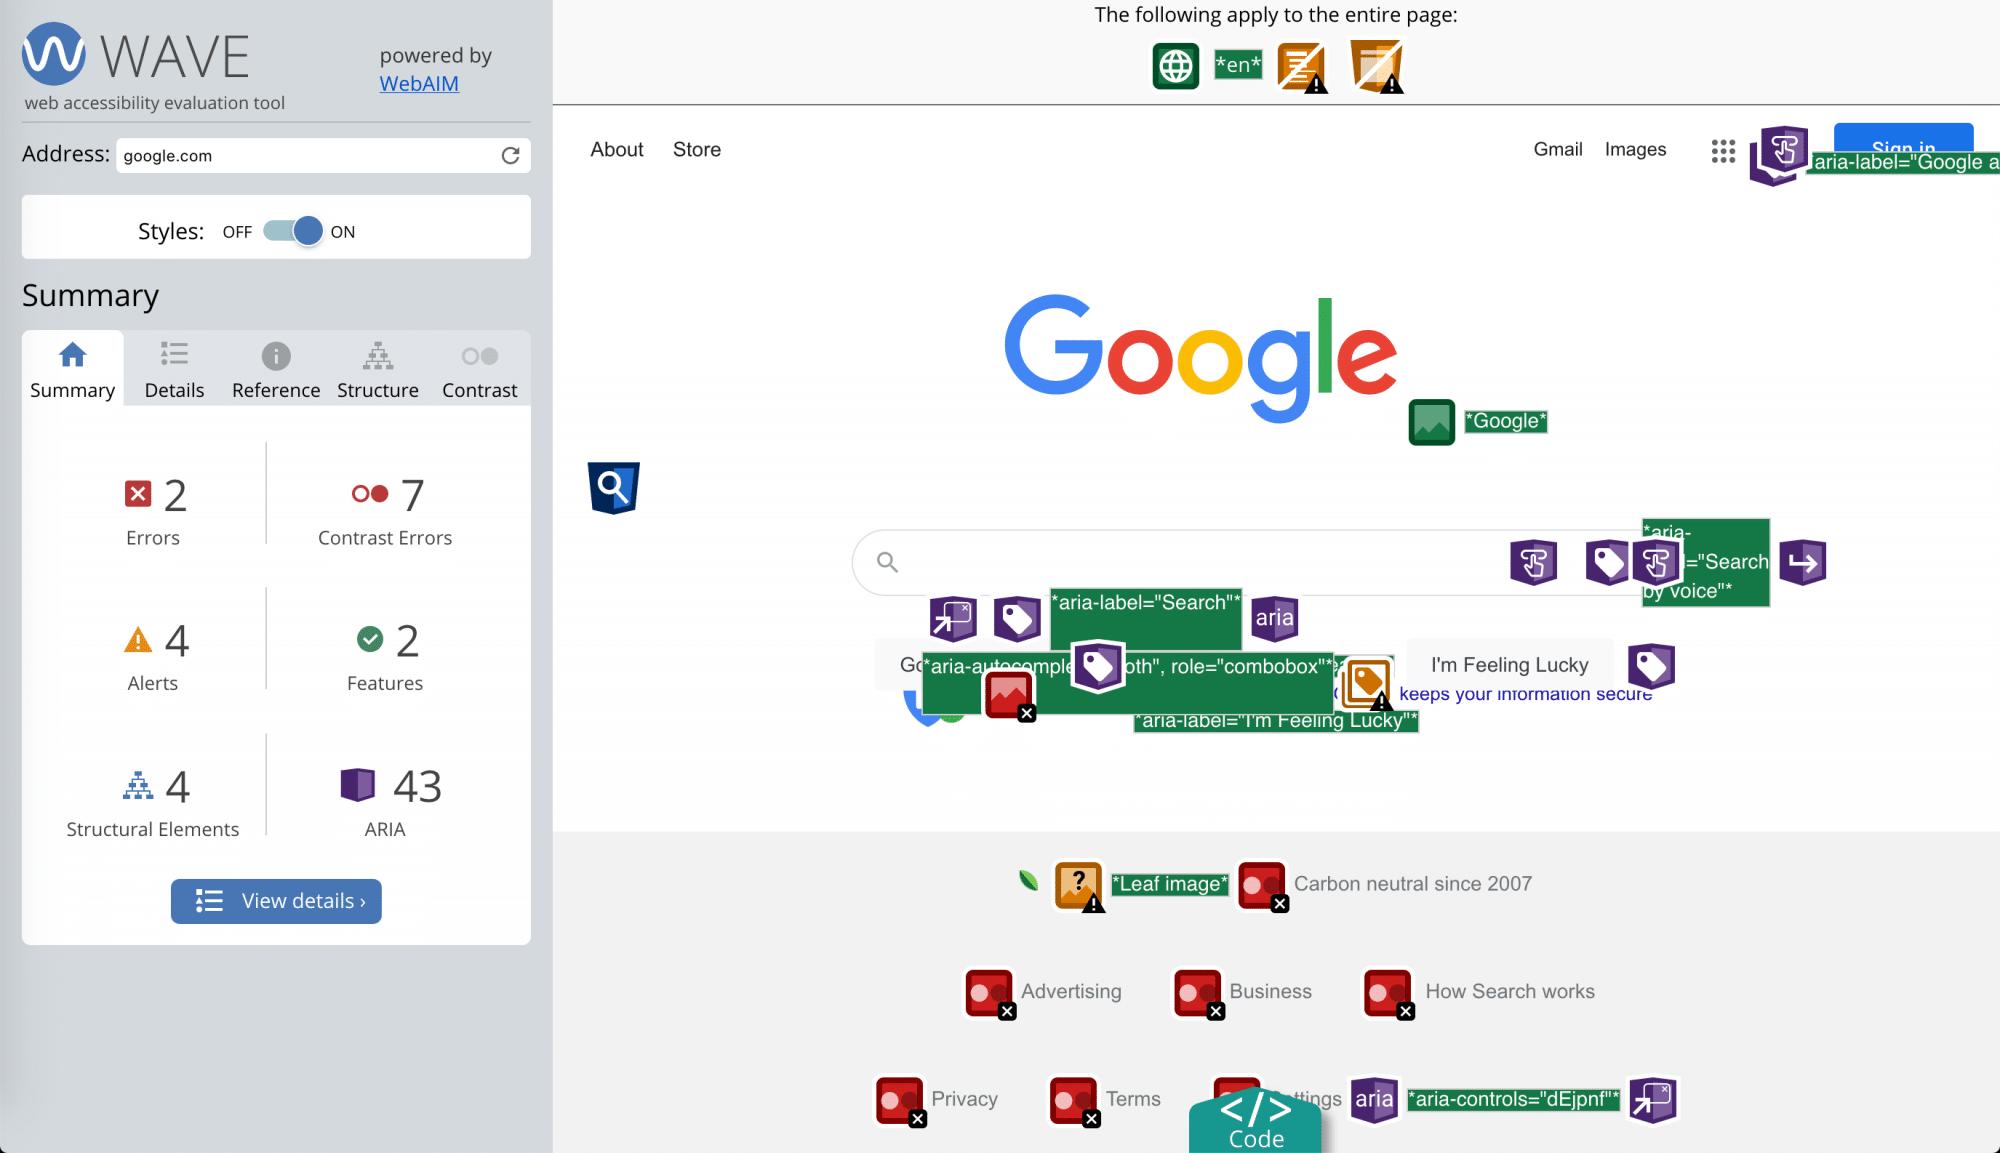 L'accessibilité de Google d'après l'outil Wave